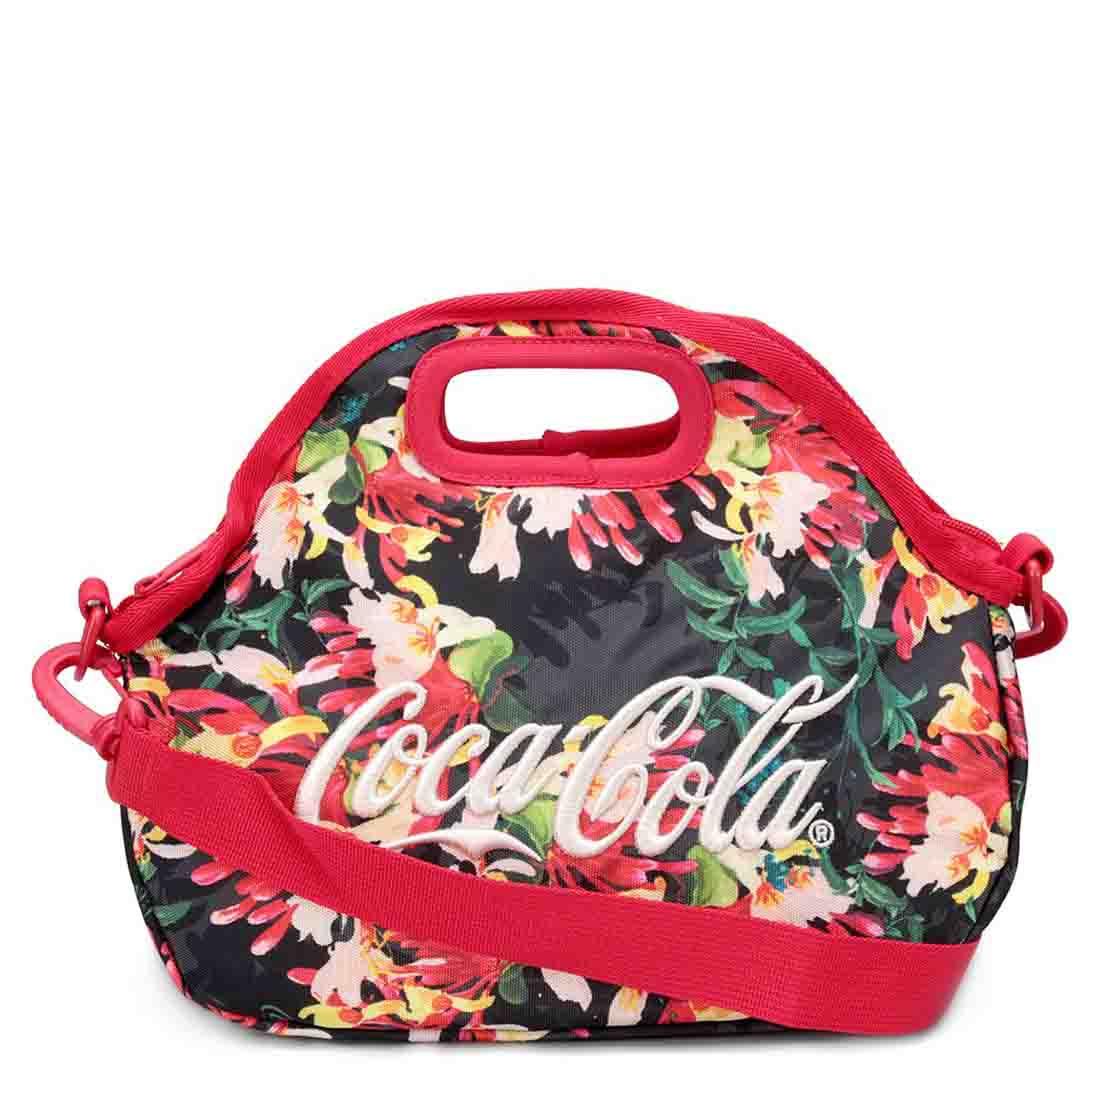 Lancheira Coca Cola Liberty 7114910